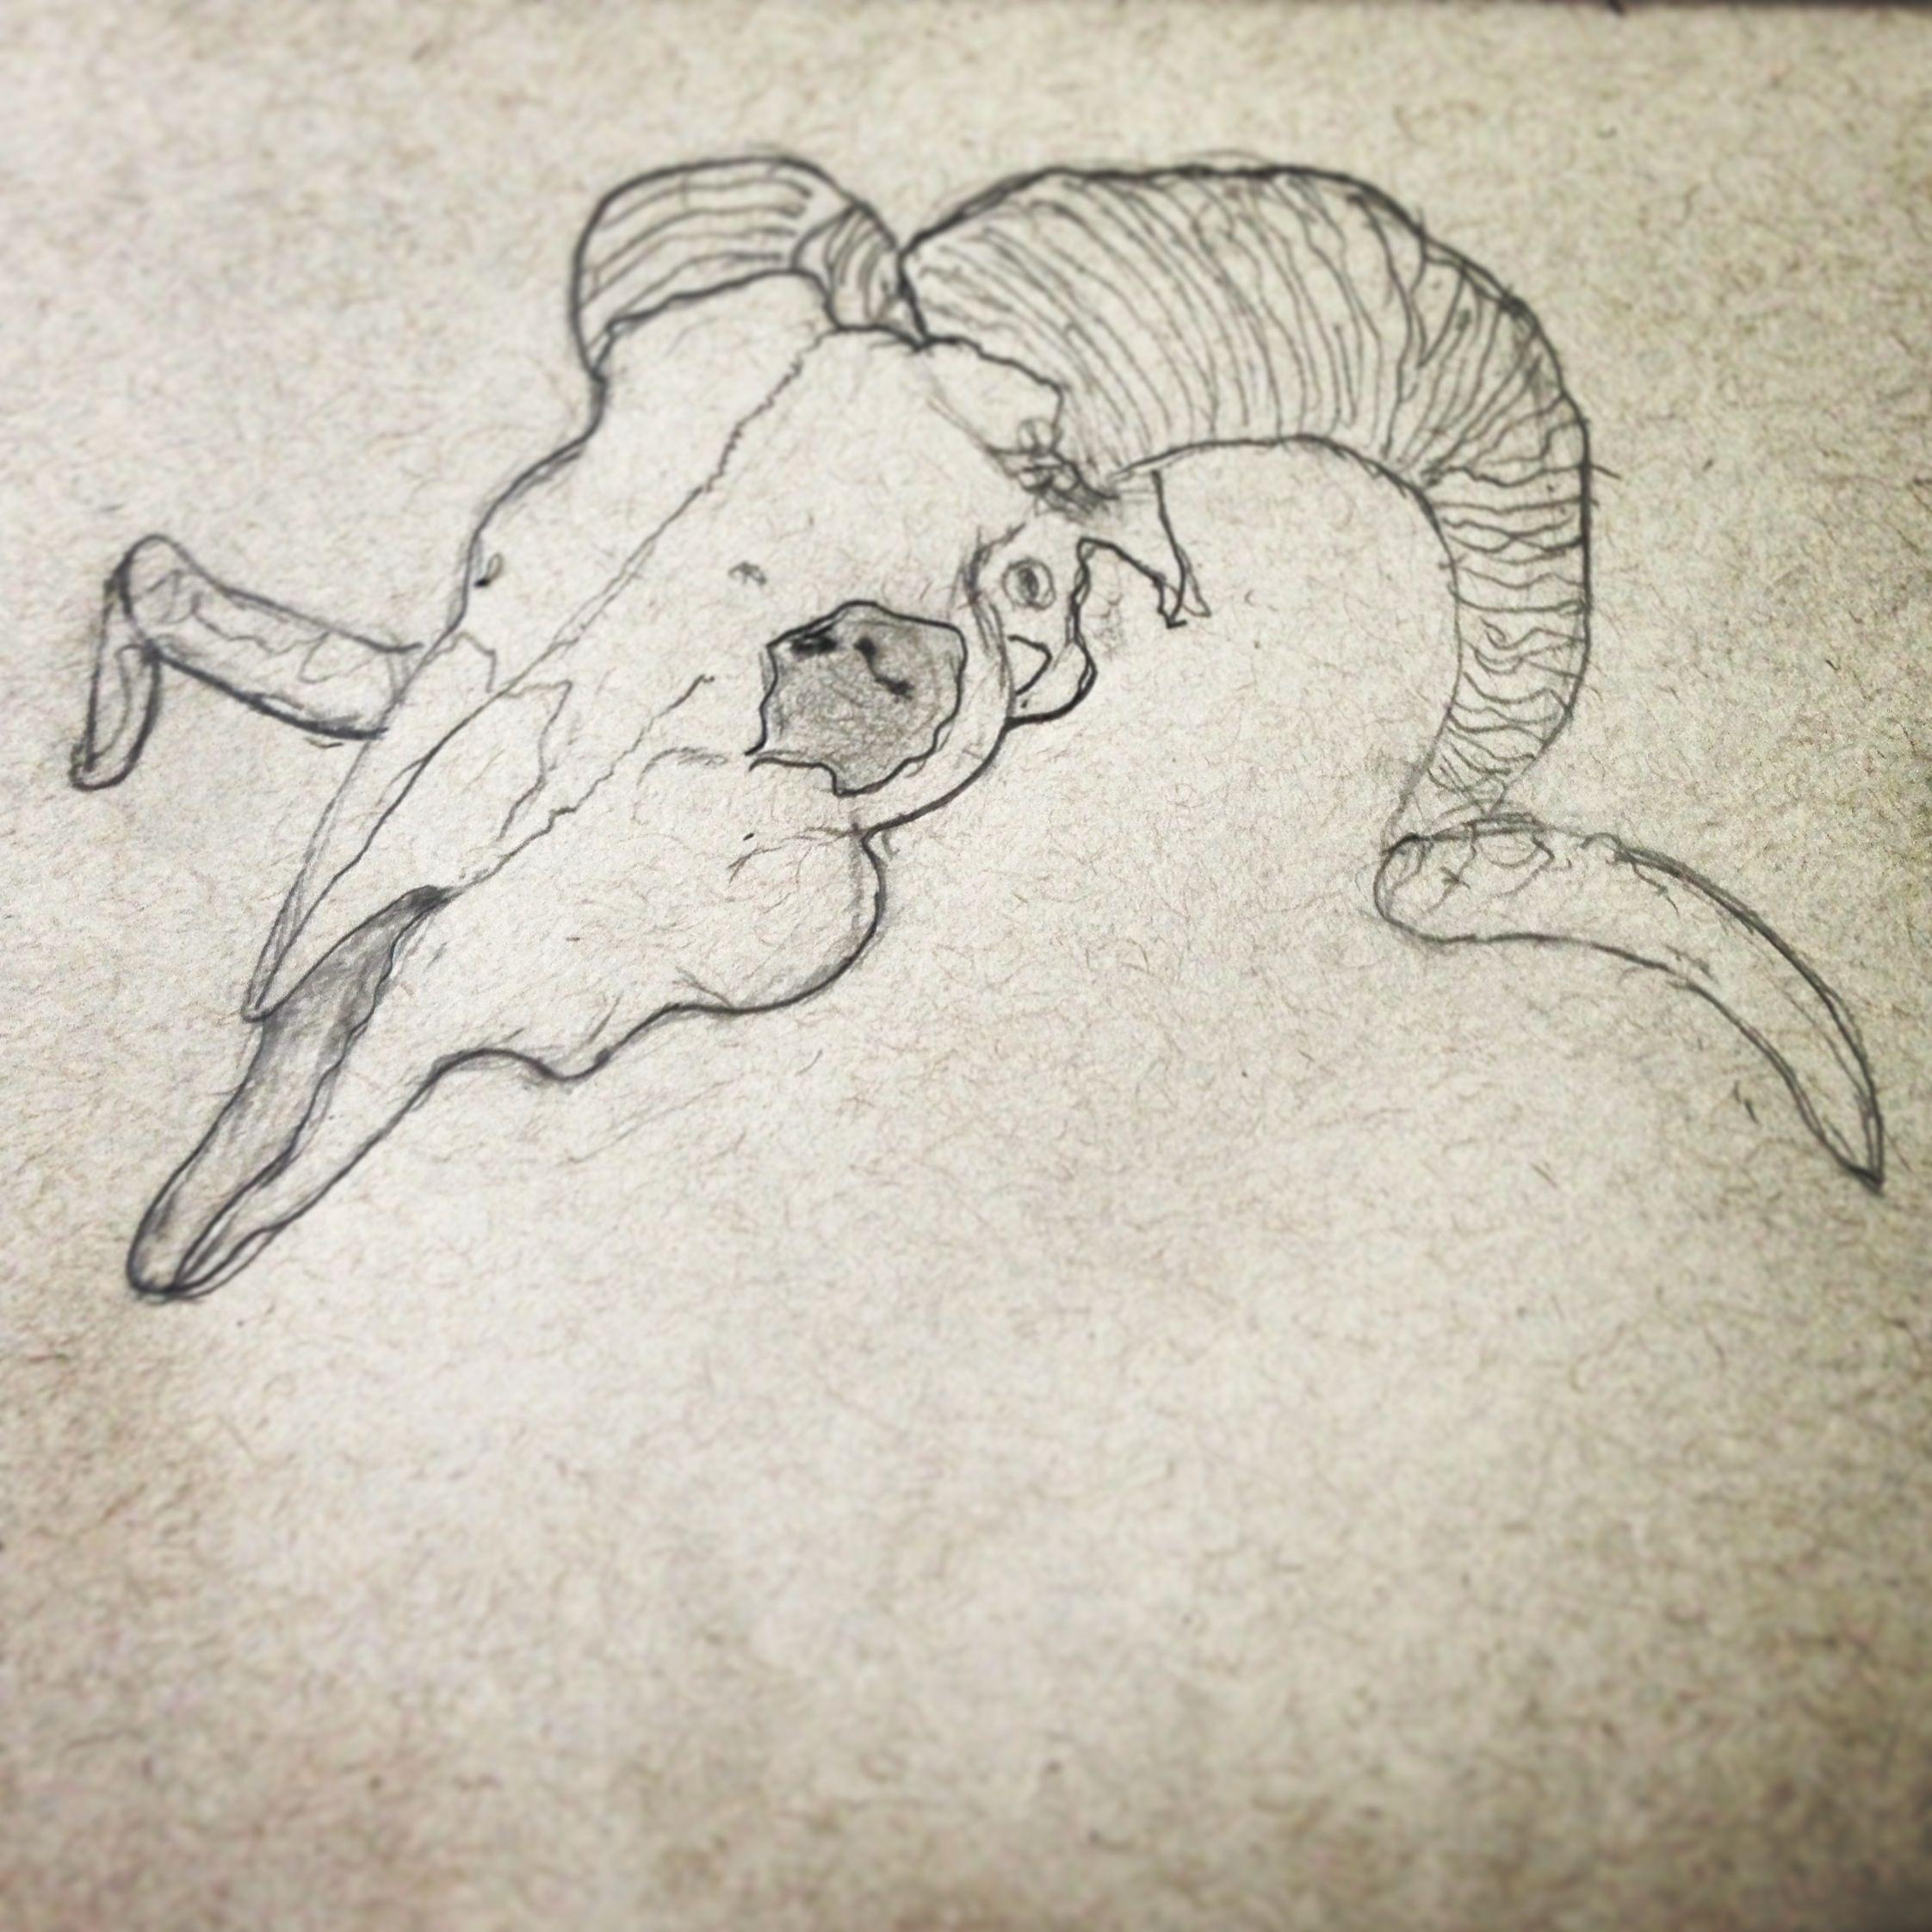 2244x2244 Ram Skull Drawing Art Ram Skull, Drawings